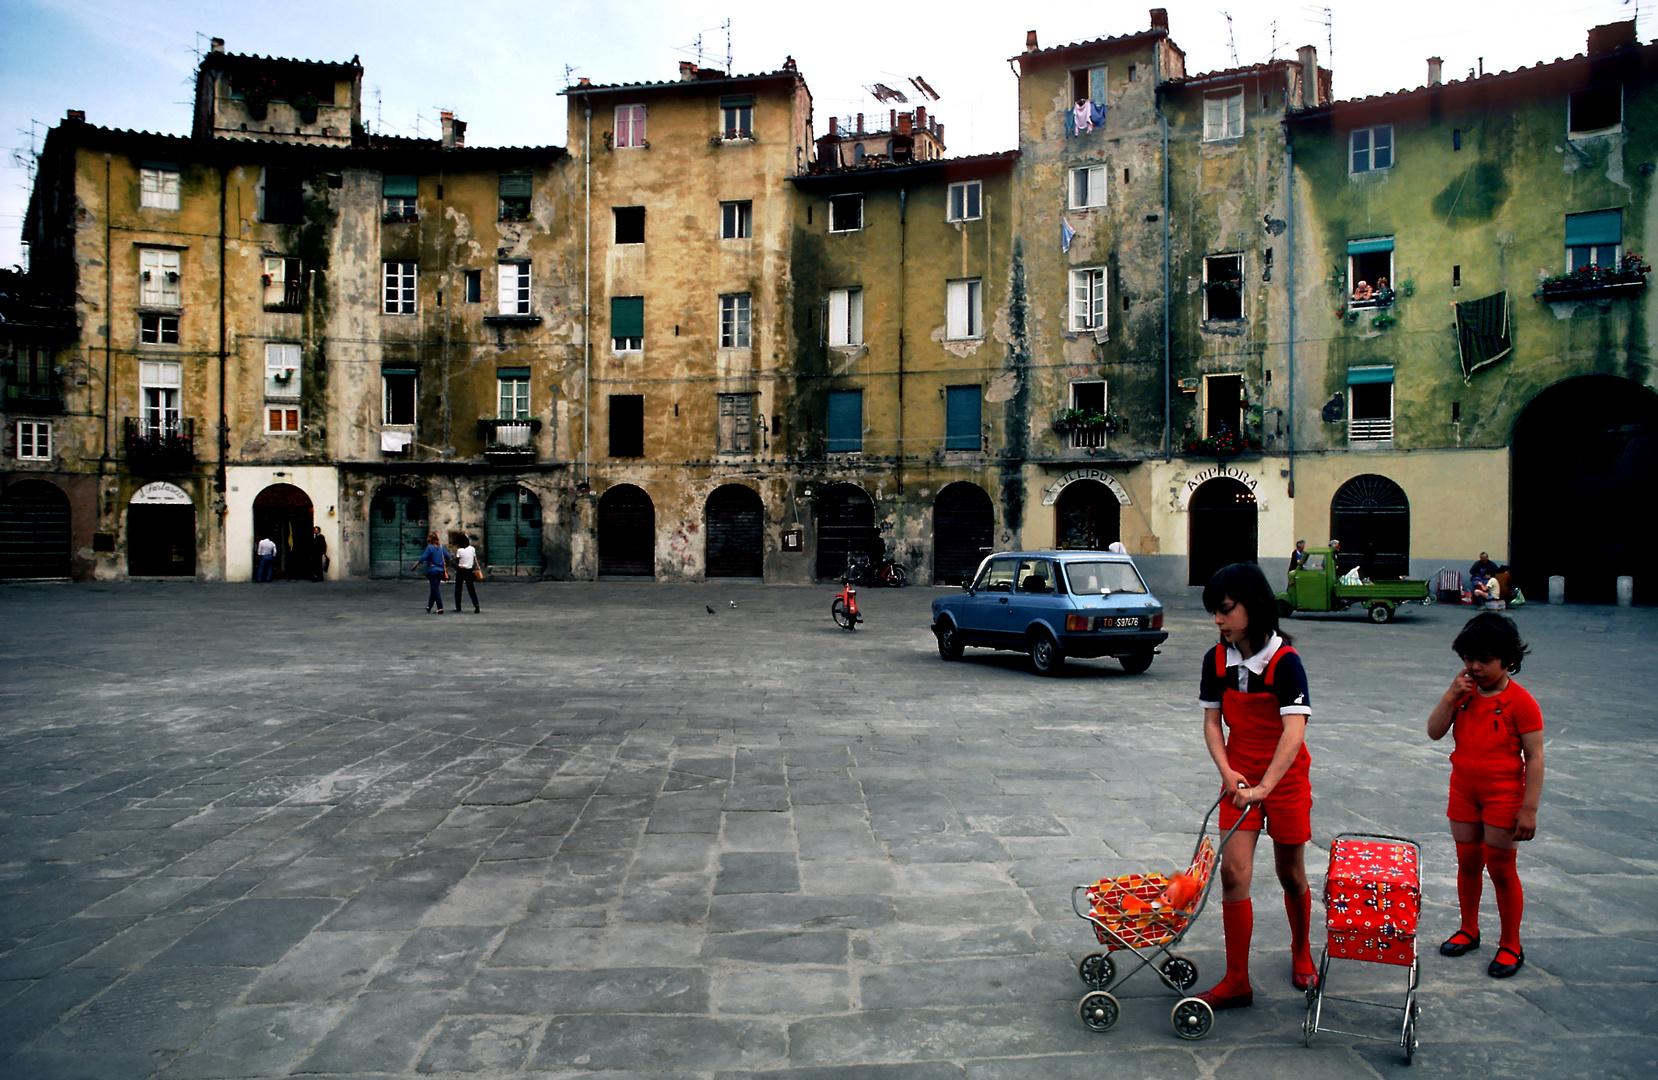 Piazza del Mercato in Lucca